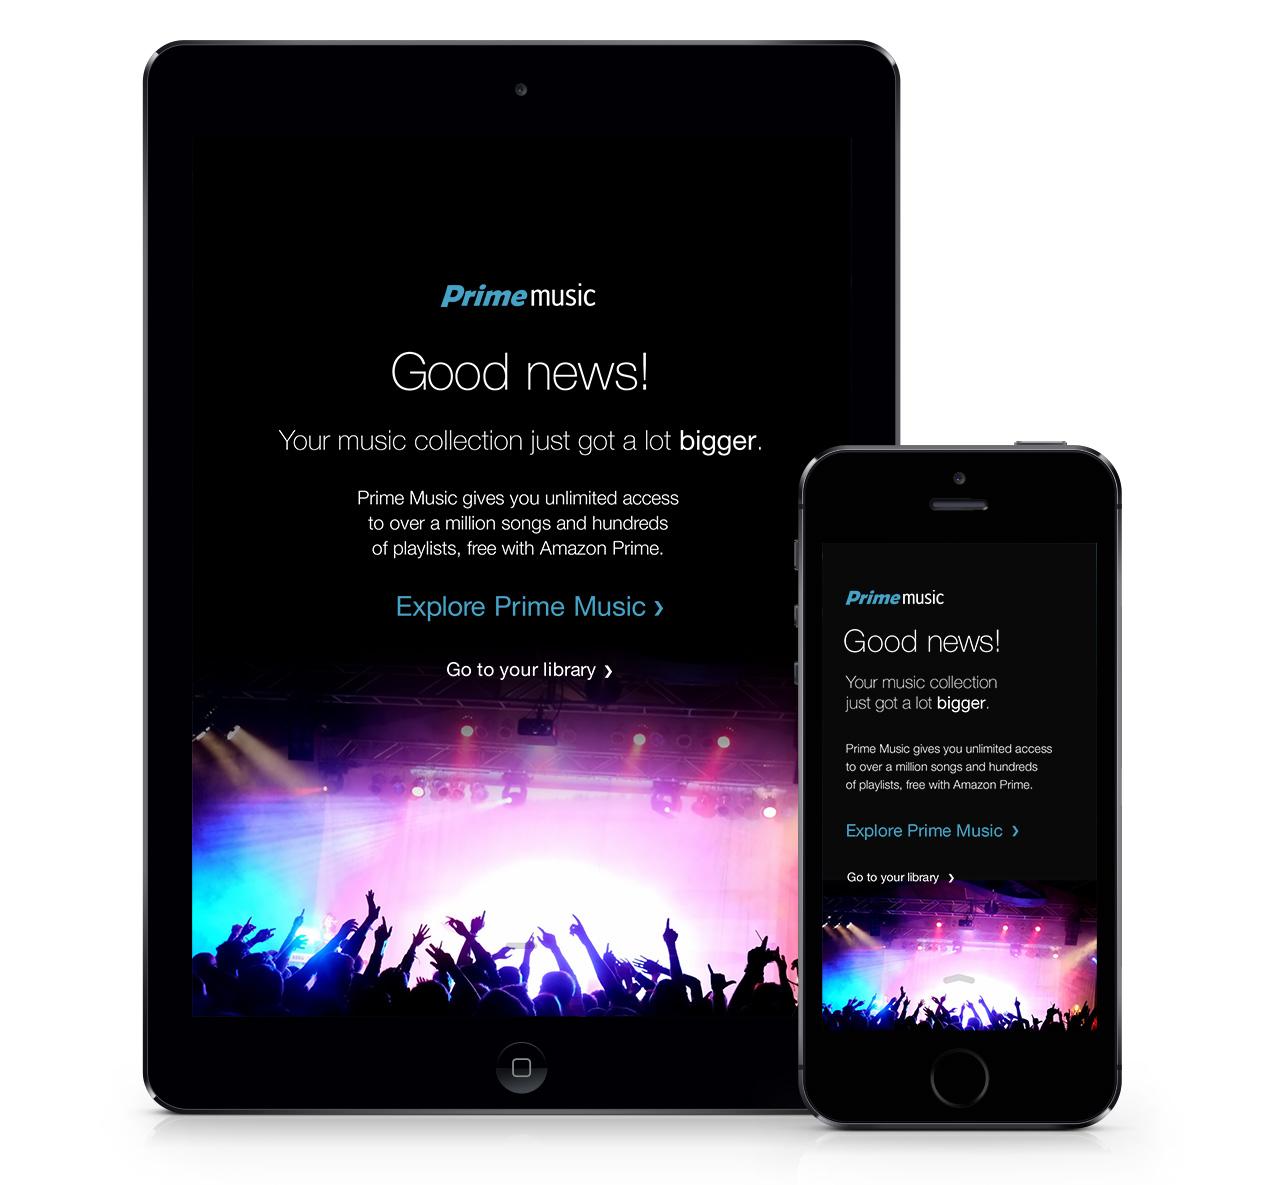 prime_music_ftu_concert